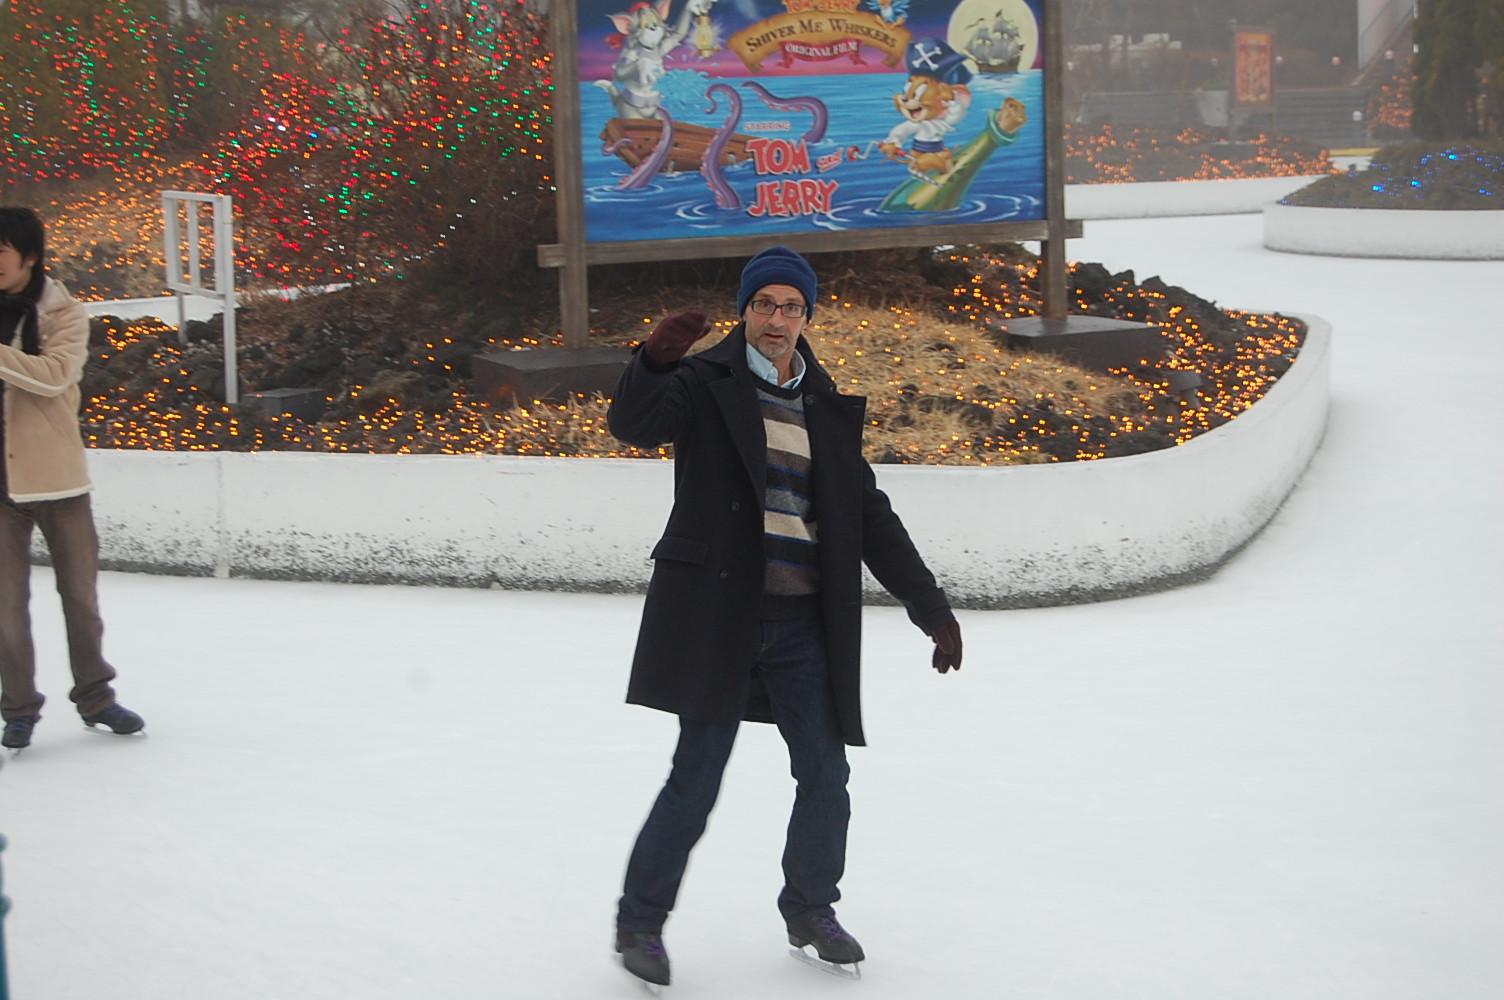 シチリア人日本滞在記 富士急ハイランド バゥ_d0084229_21221242.jpg